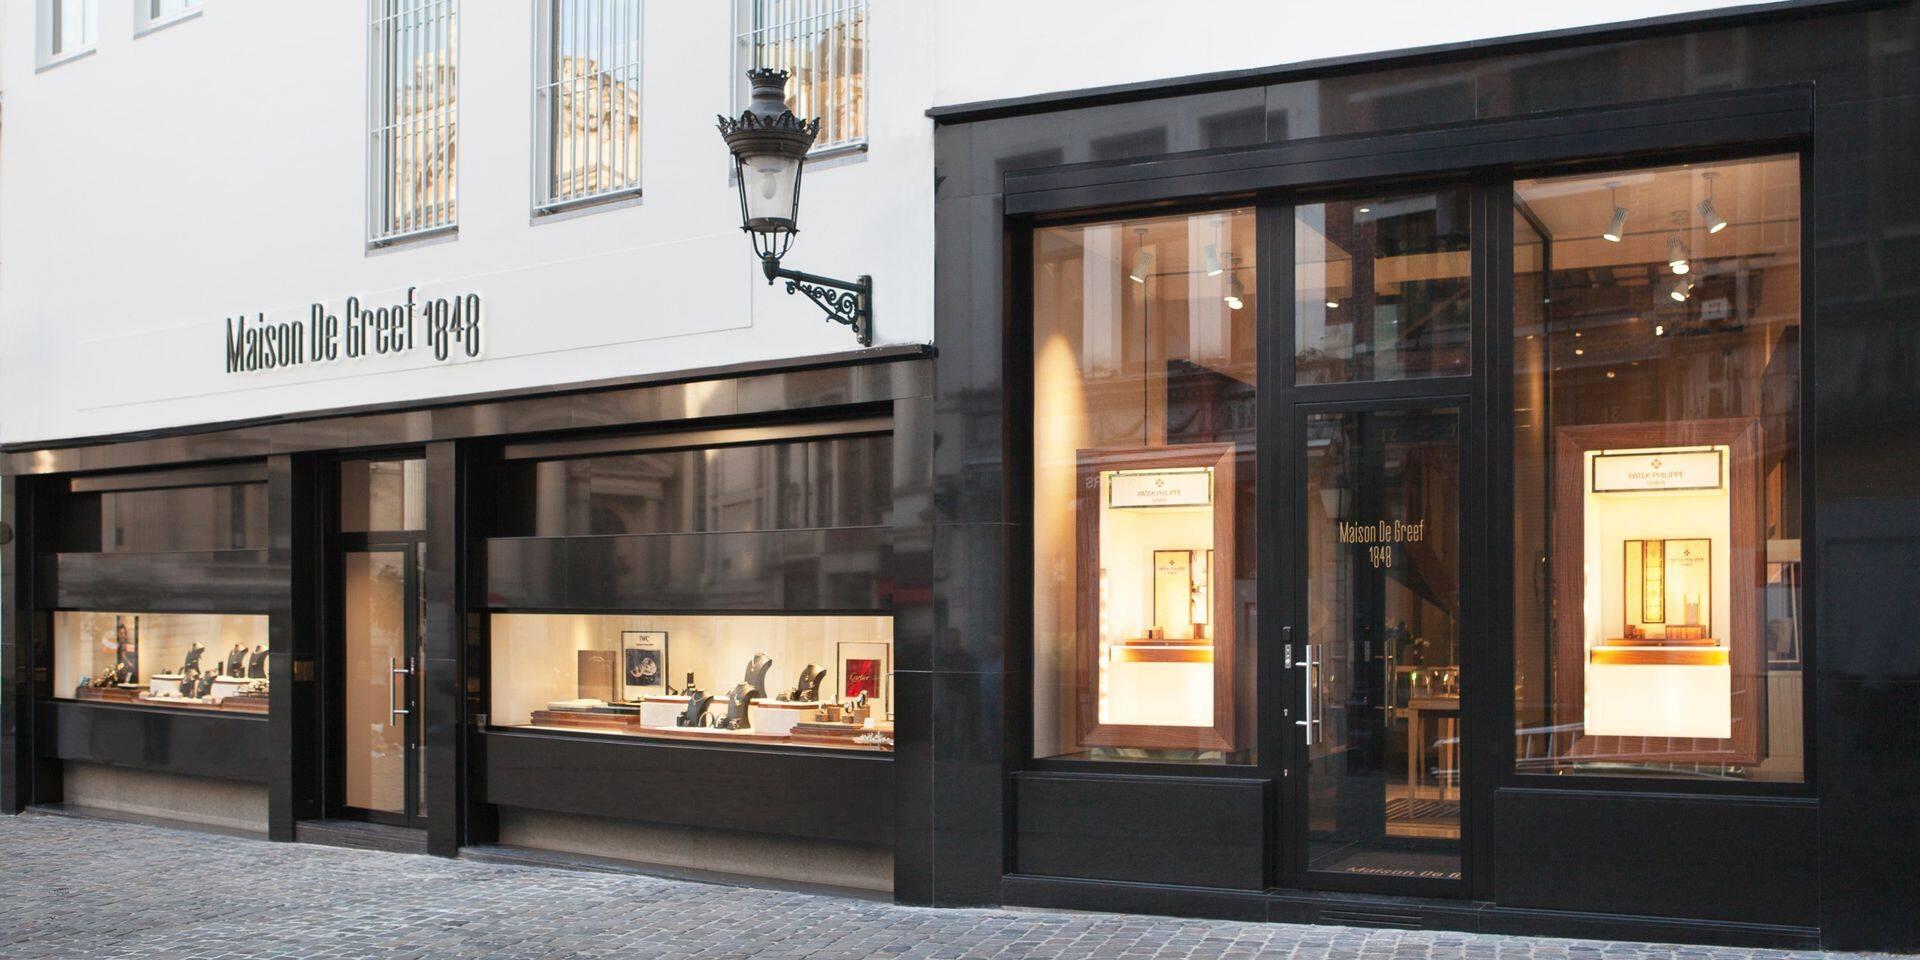 Maison De Greef : une passion séculaire pour la joaillerie et l'horlogerie